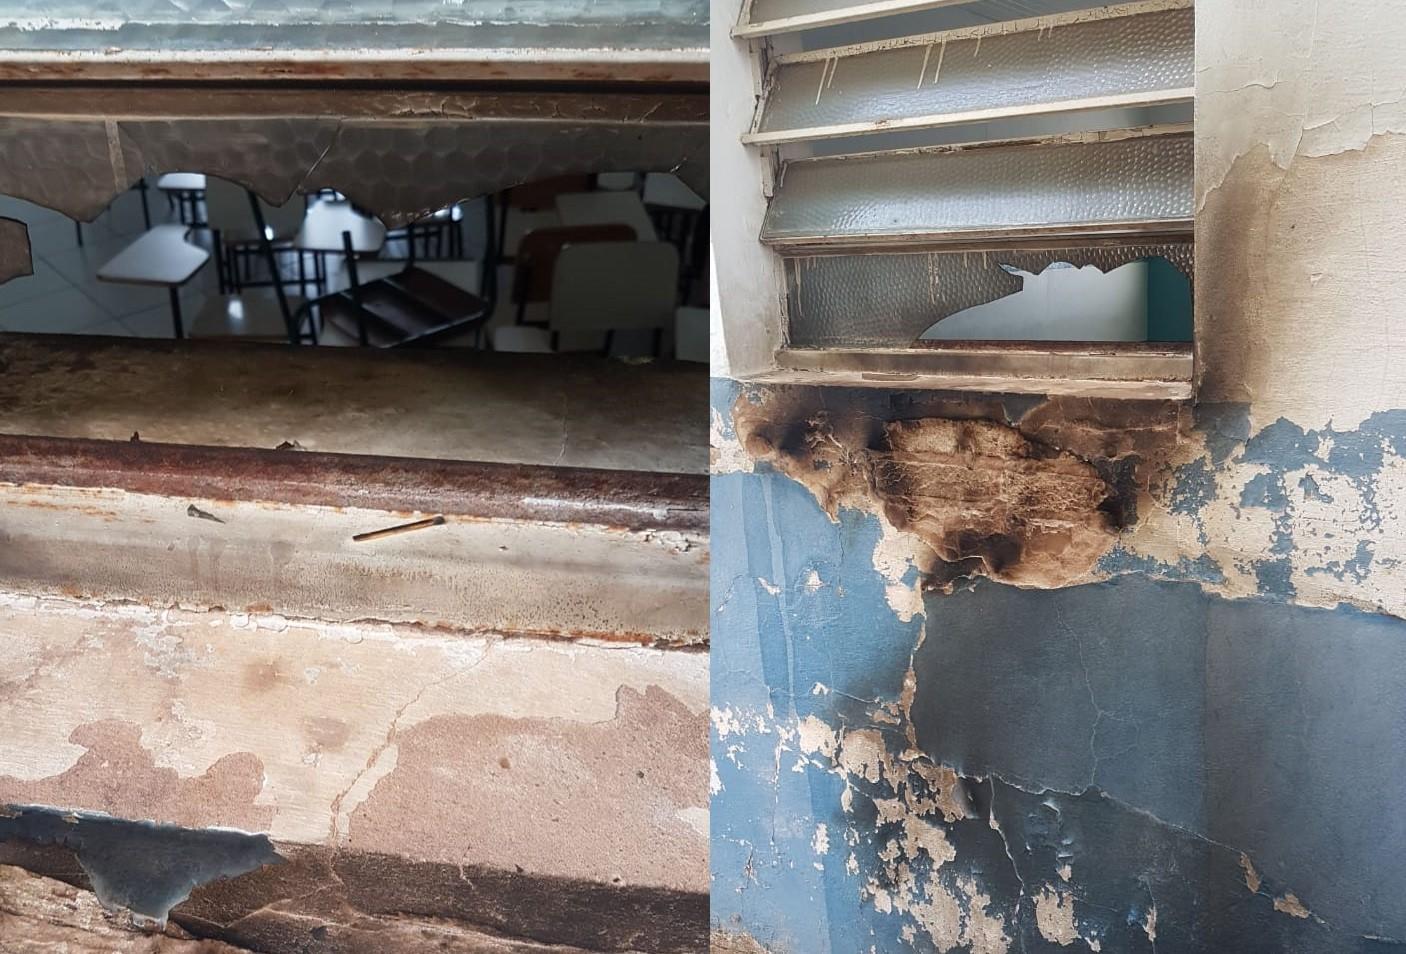 Polícia investiga incêndio que atingiu centro profissionalizante em Marília